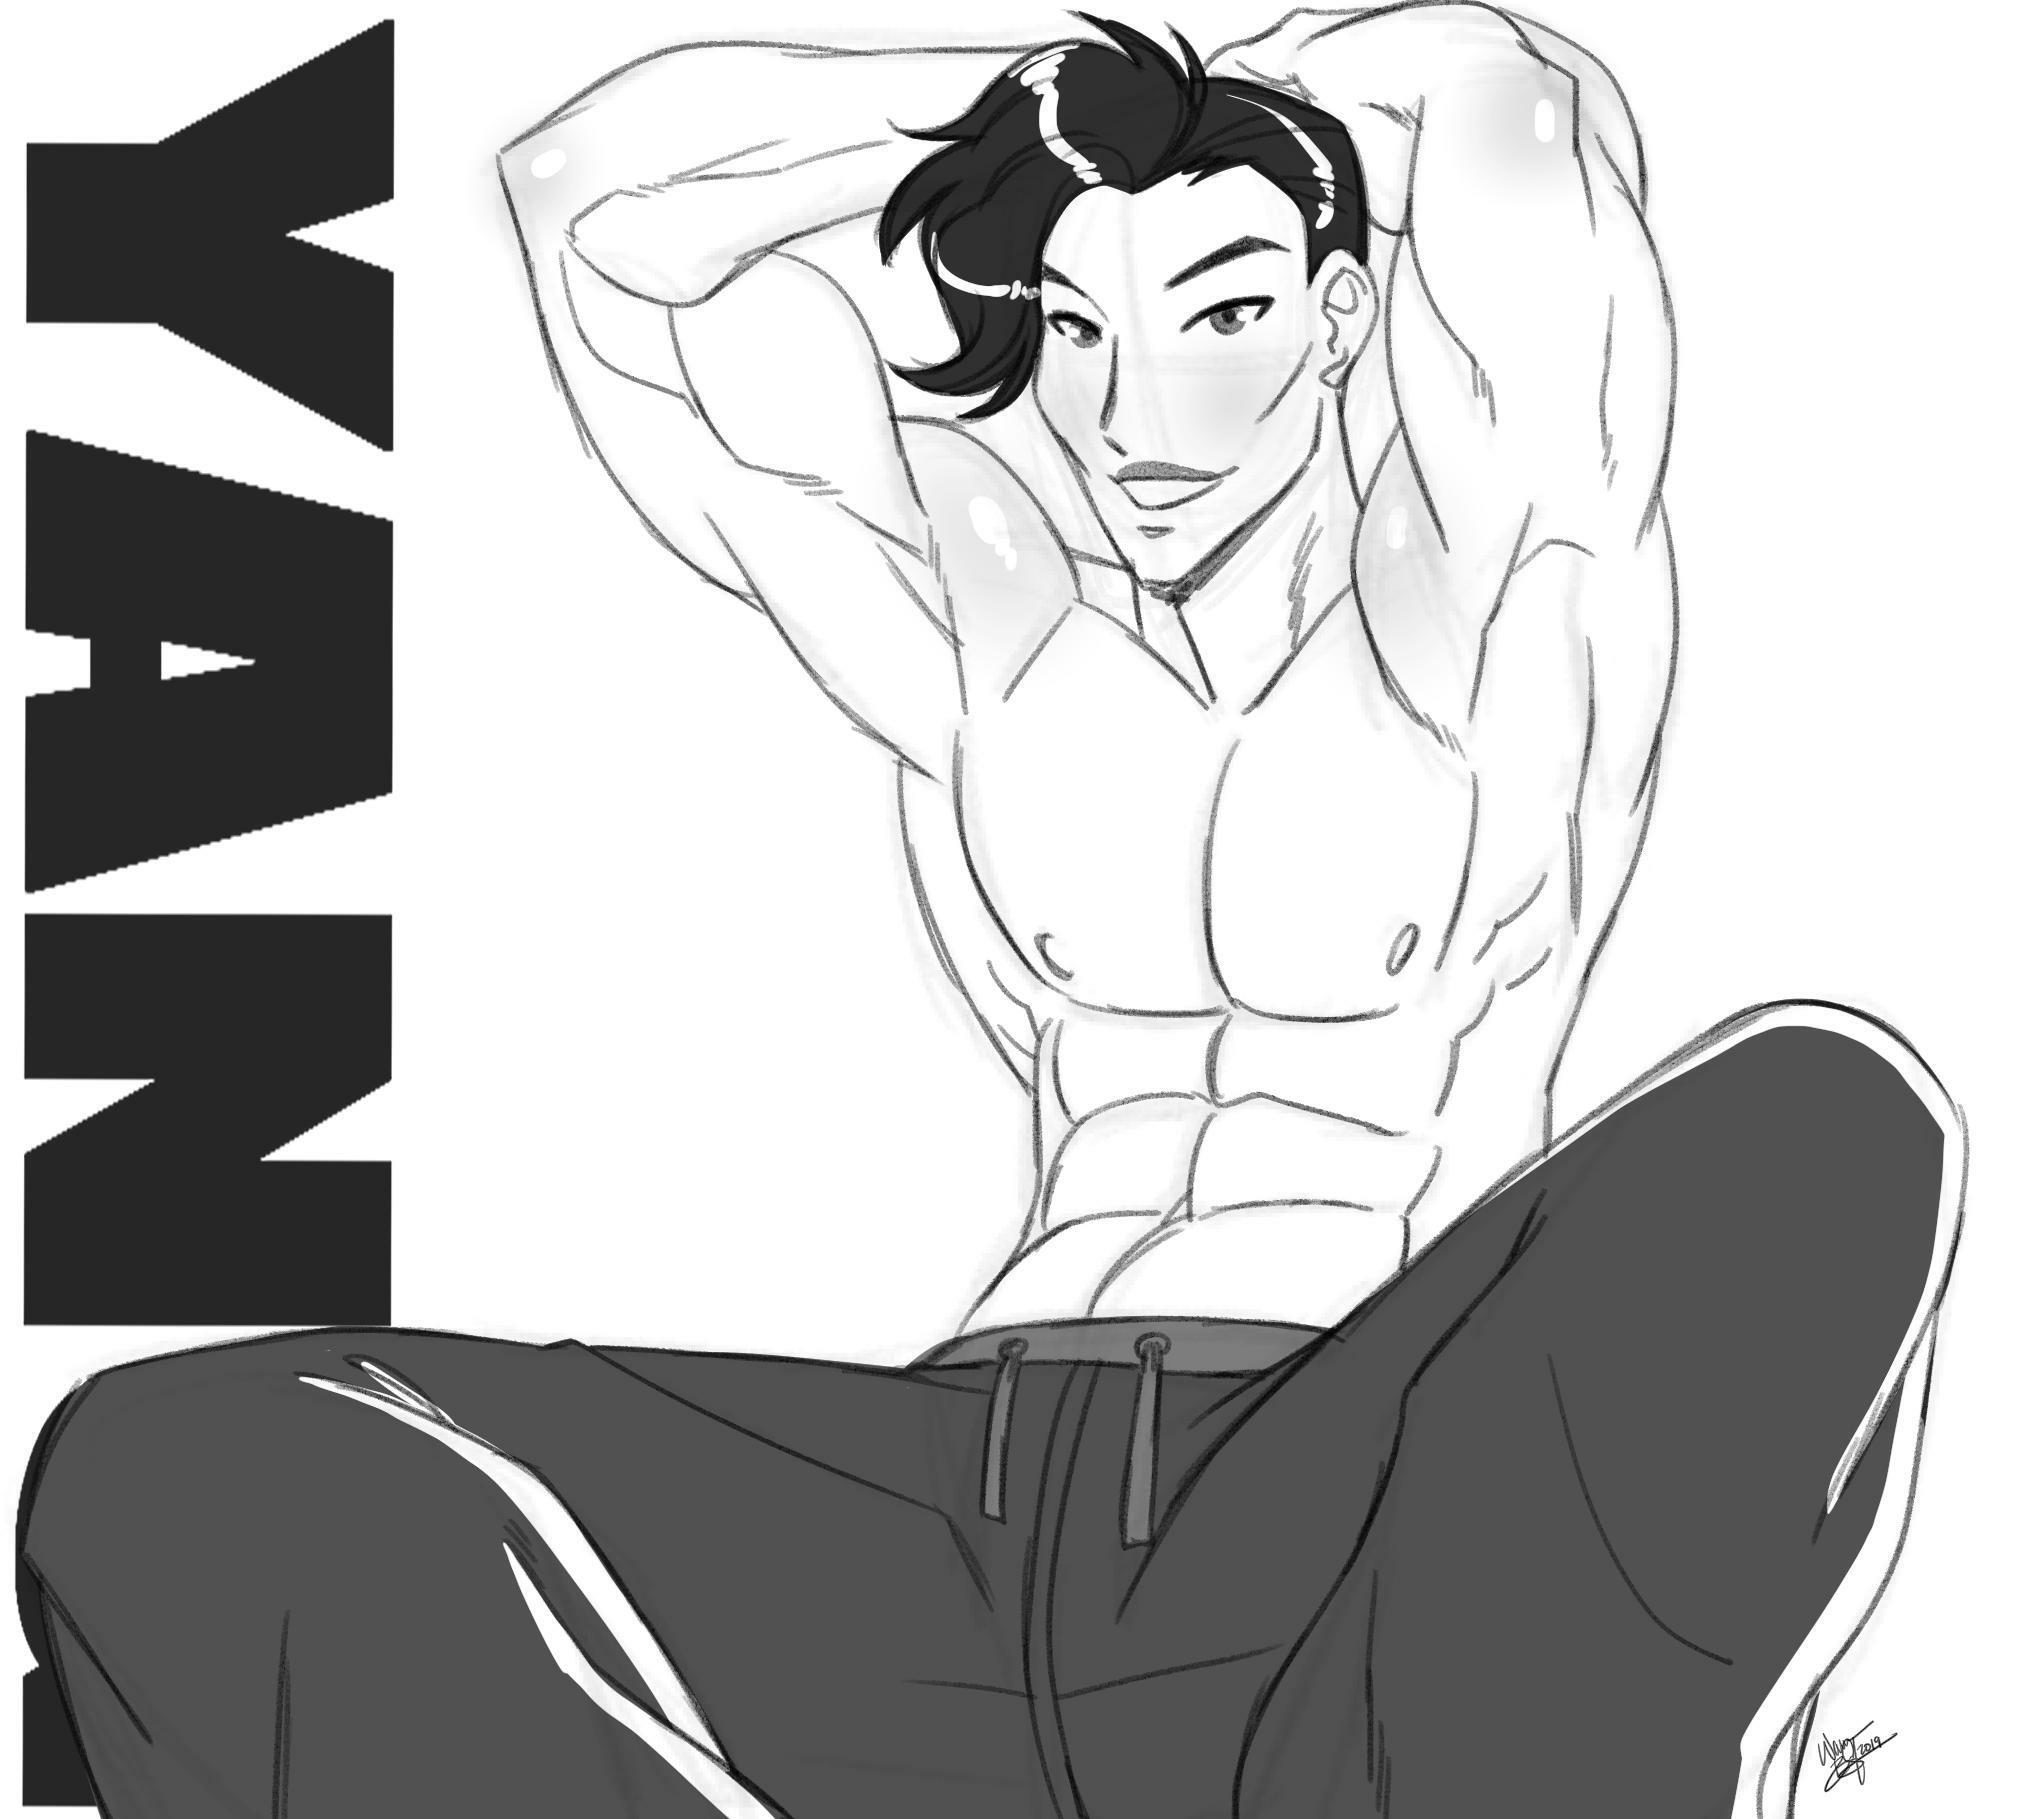 [Orlando 8: Pinup Edition] Yang Xin Lee